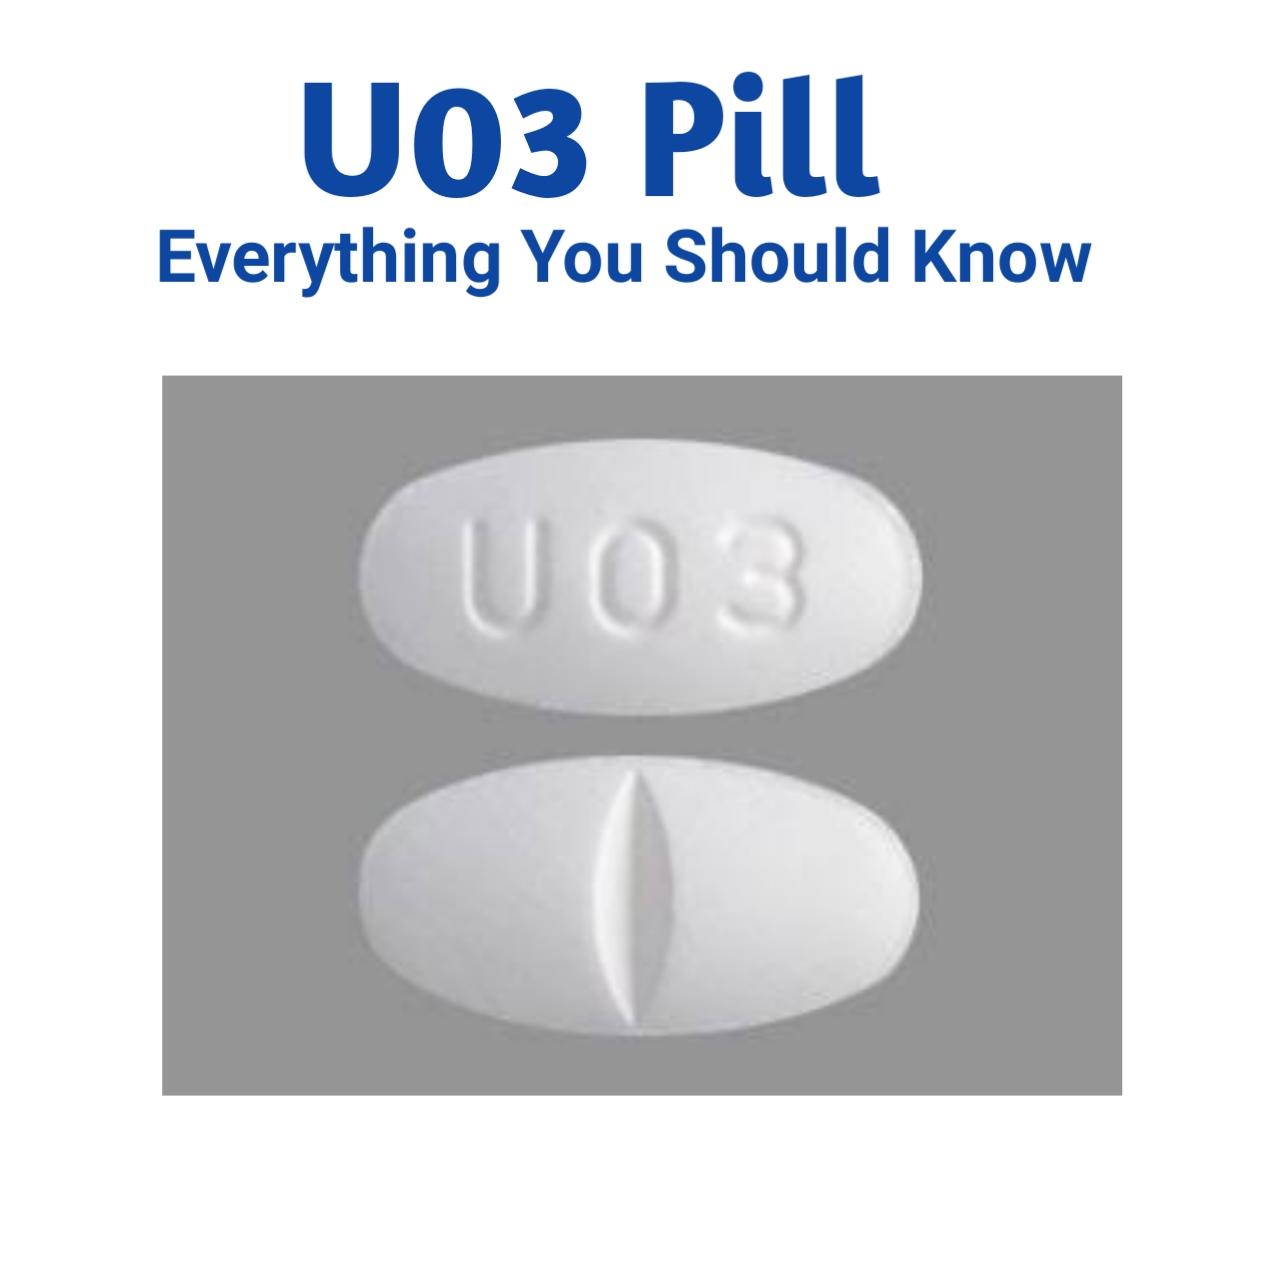 u03 pill